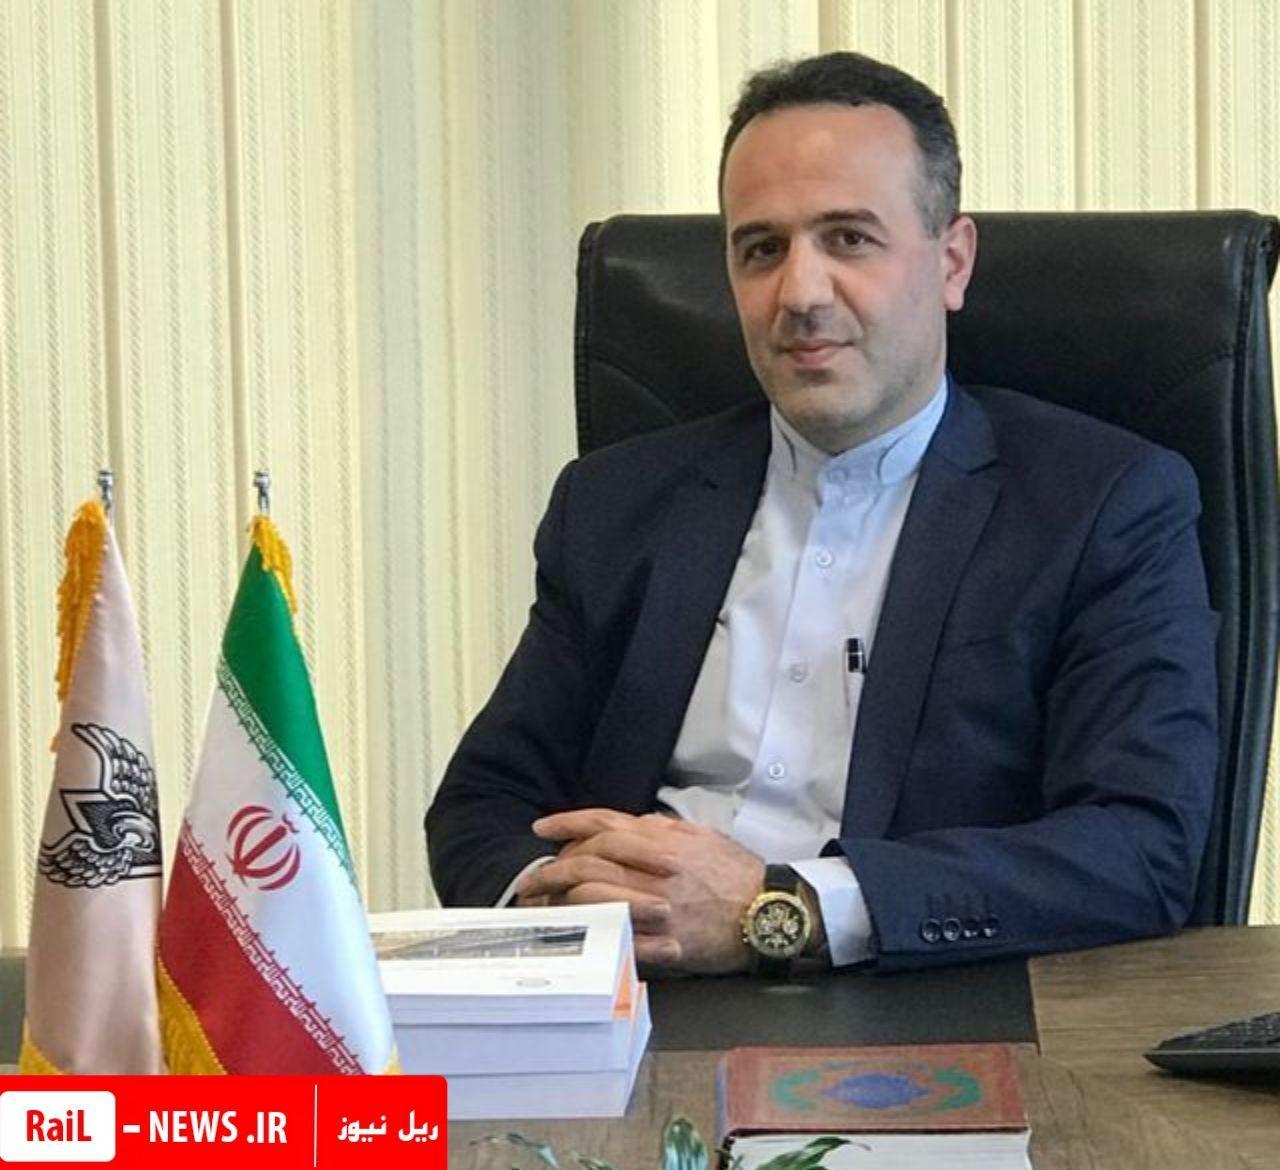 رکورد تن کیلومتر بارحمل شده در راه آهن تهران شکسته شد.